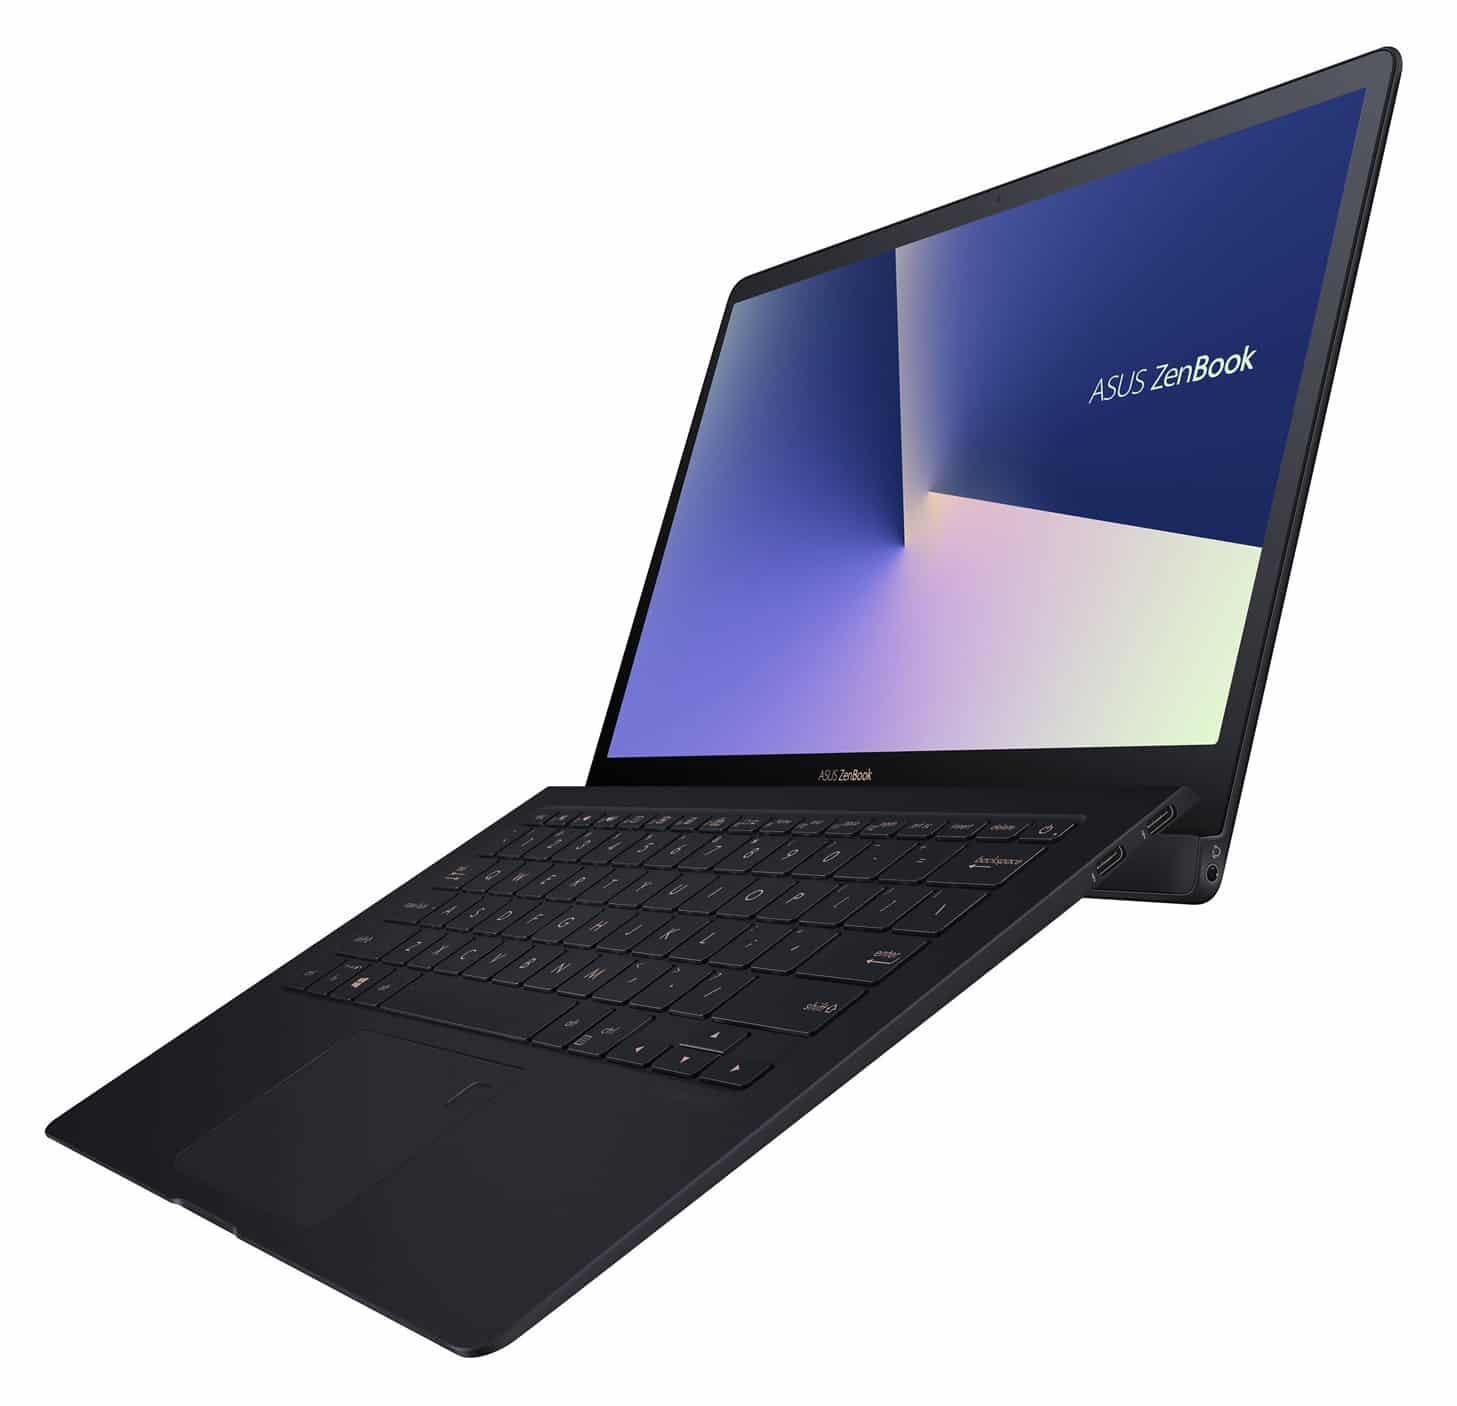 Asus Zenbook UX391UA-EG023T, ultrabook 1 kg TB3 (799€)